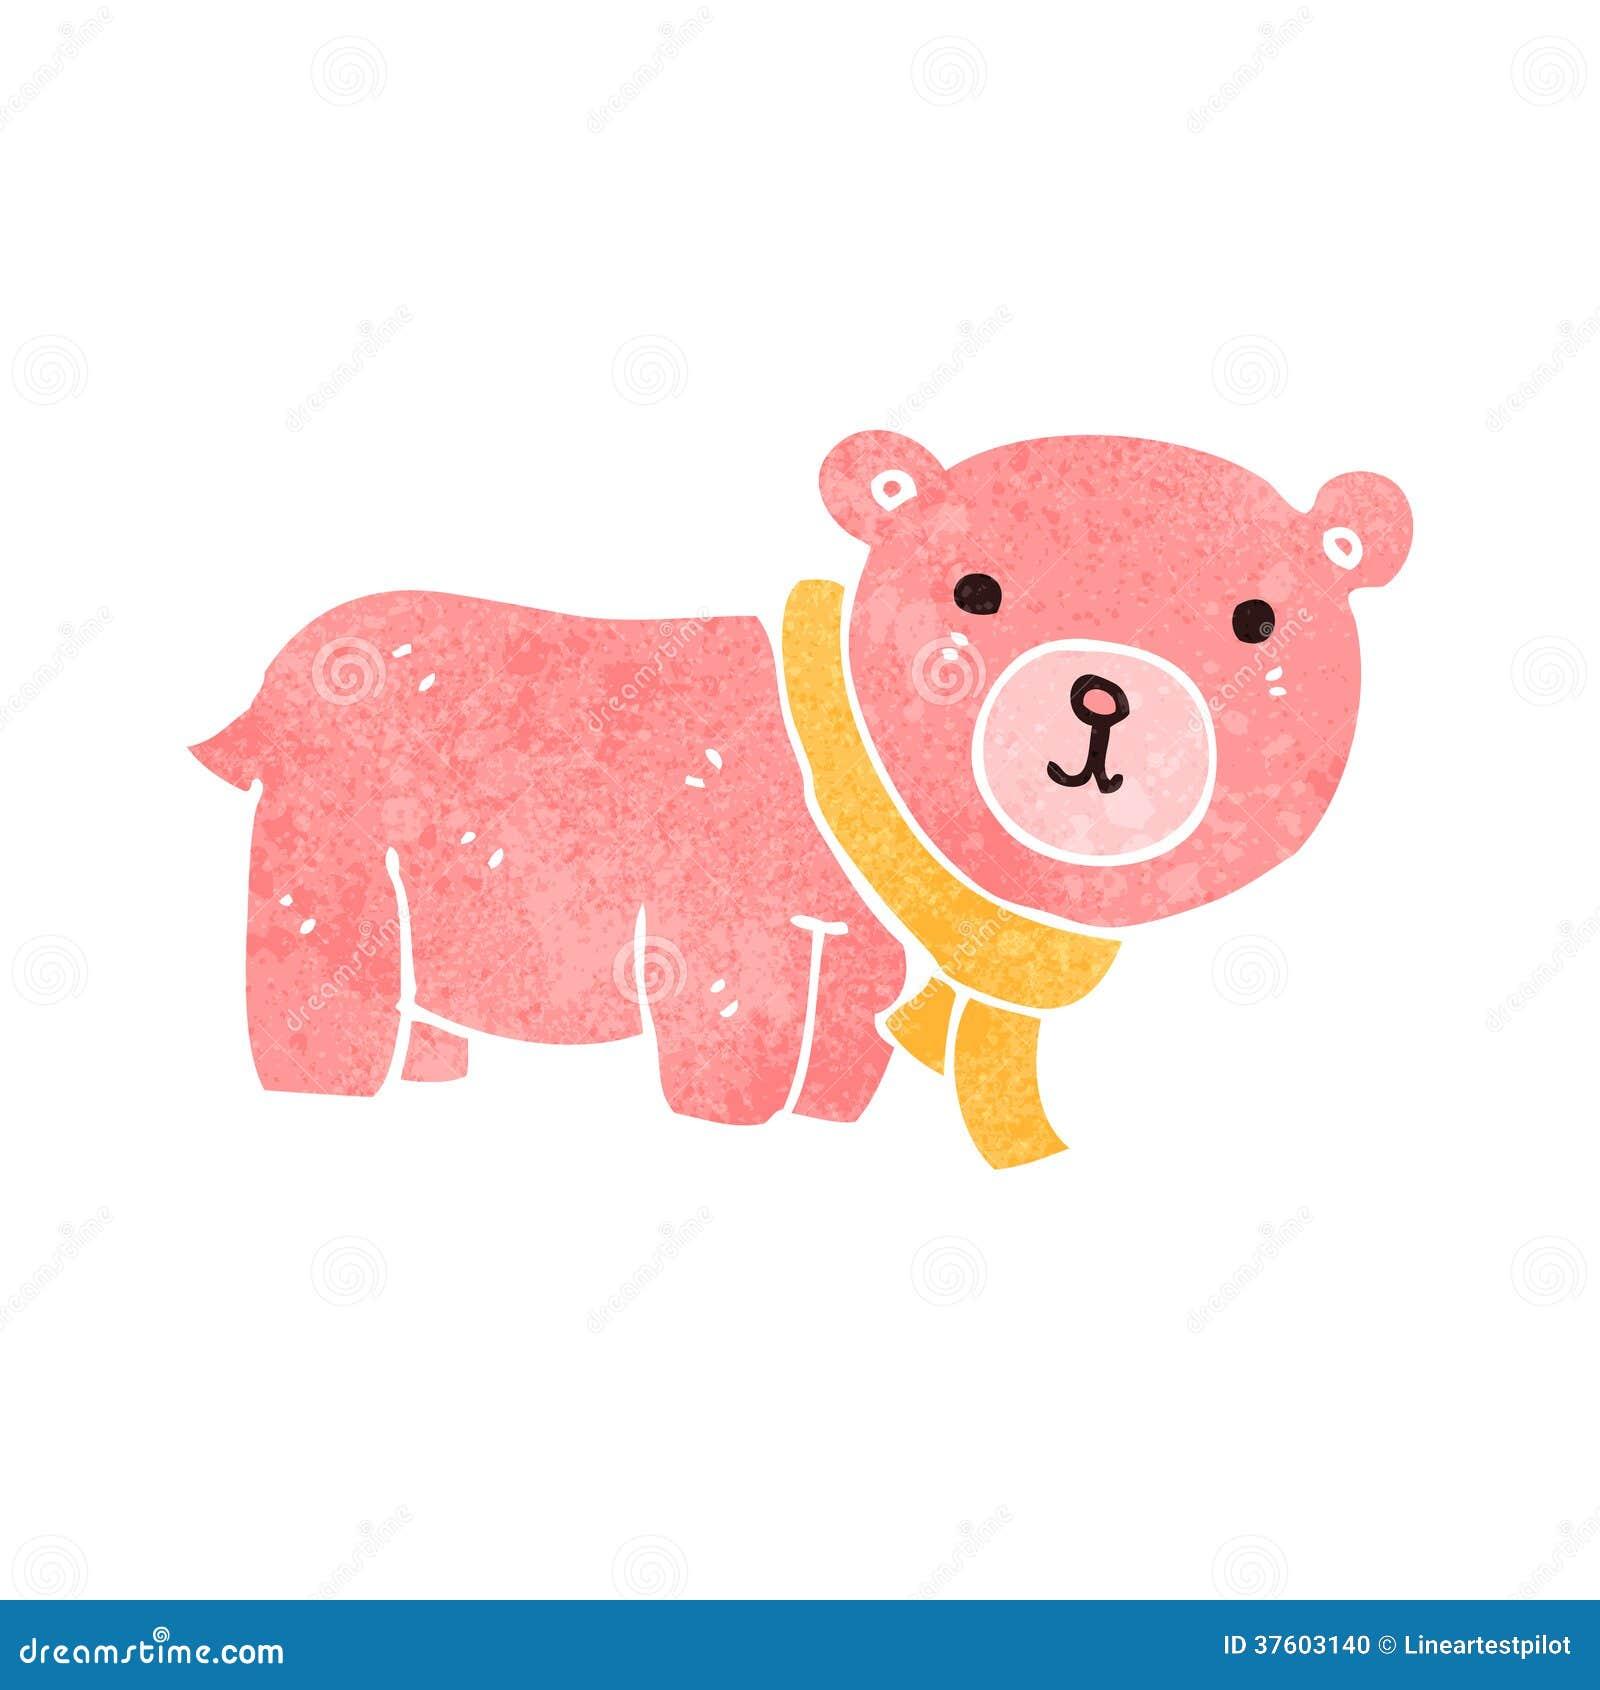 Cute Teddy Bear Theme  Android Apps on Google Play